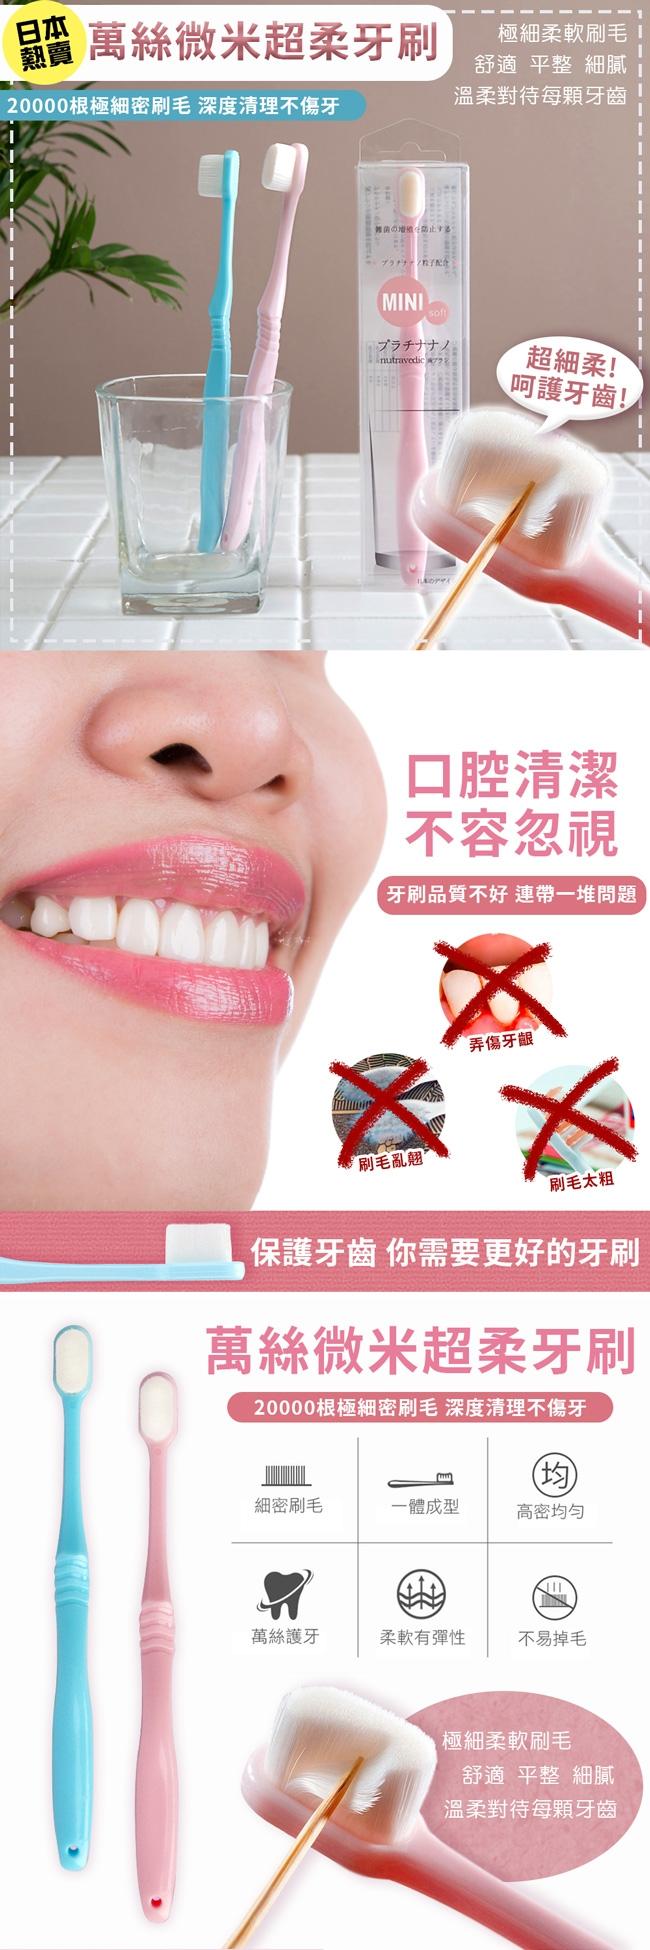 EZlife日本熱賣萬毛微米超柔牙刷8入組(贈調光造型燈)